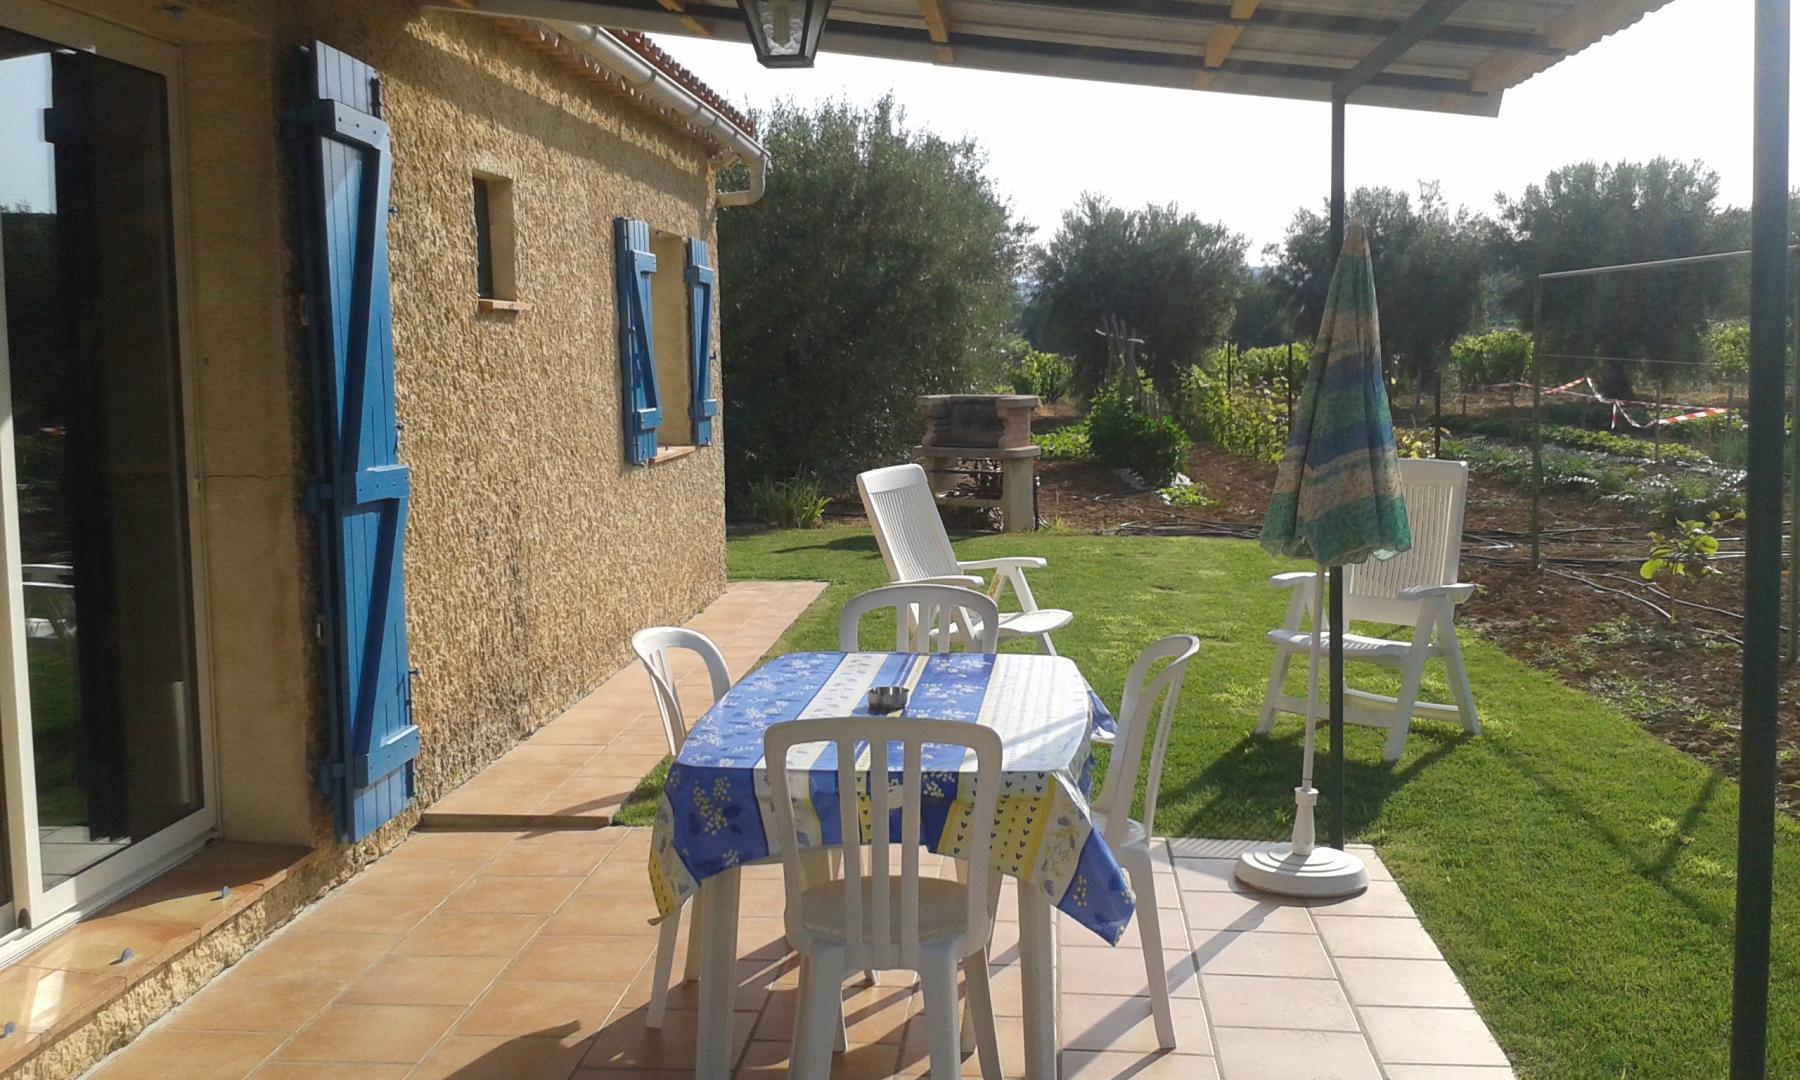 Location Gte NG1118 La Cadiere Dazur Gtes De France